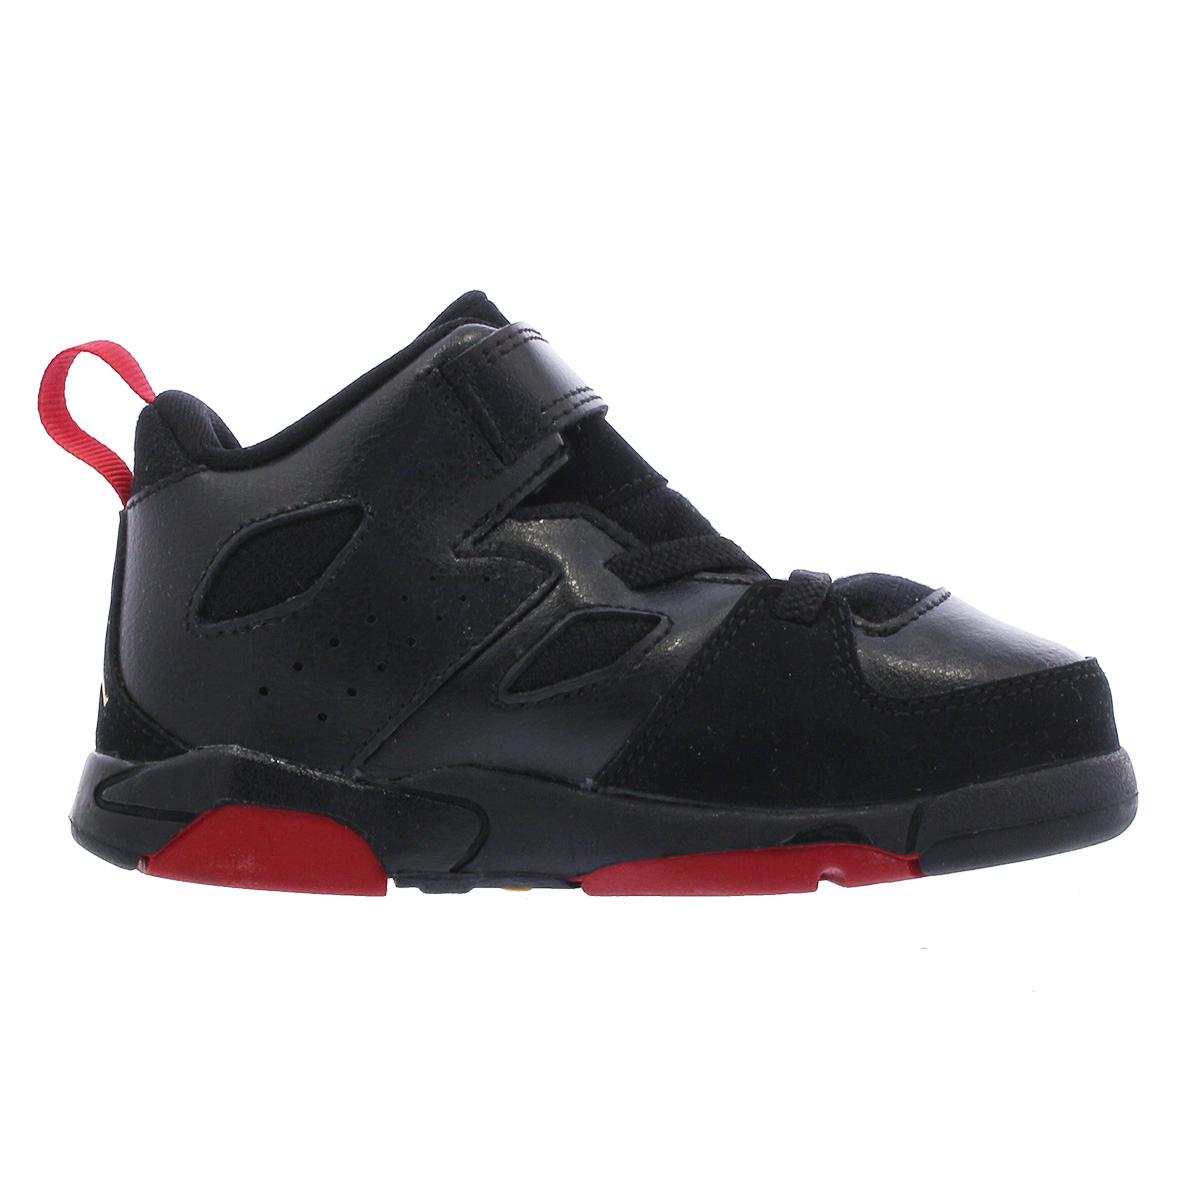 691a426c971 NIKE JORDAN FLIGHT CLUB 91 TD Nike Jordan flight club 91 TD BLACK RED  555